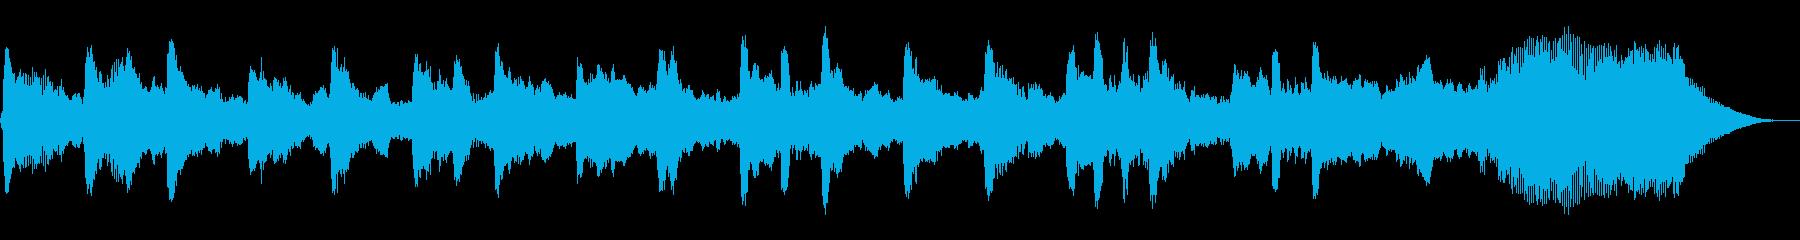 ほのぼのした王様の昼下がり30秒BGMの再生済みの波形